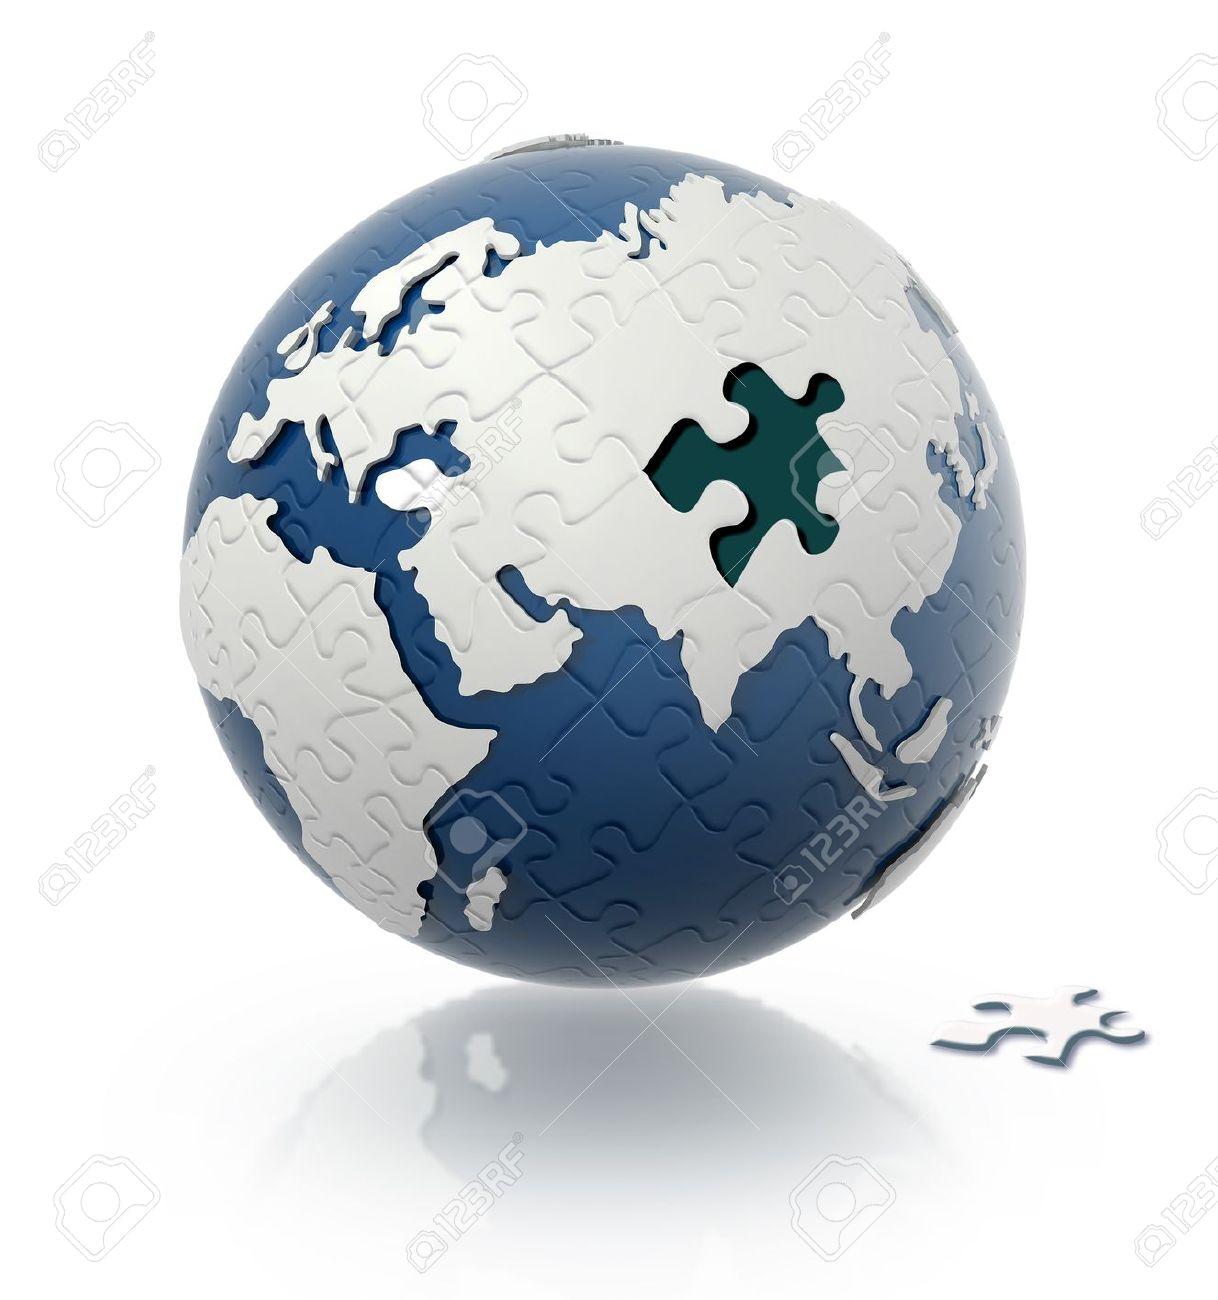 cca43cc02eb Banque d images - Globe terrestre avec le modèle de puzzle et d une seule  pièce sur le sol.